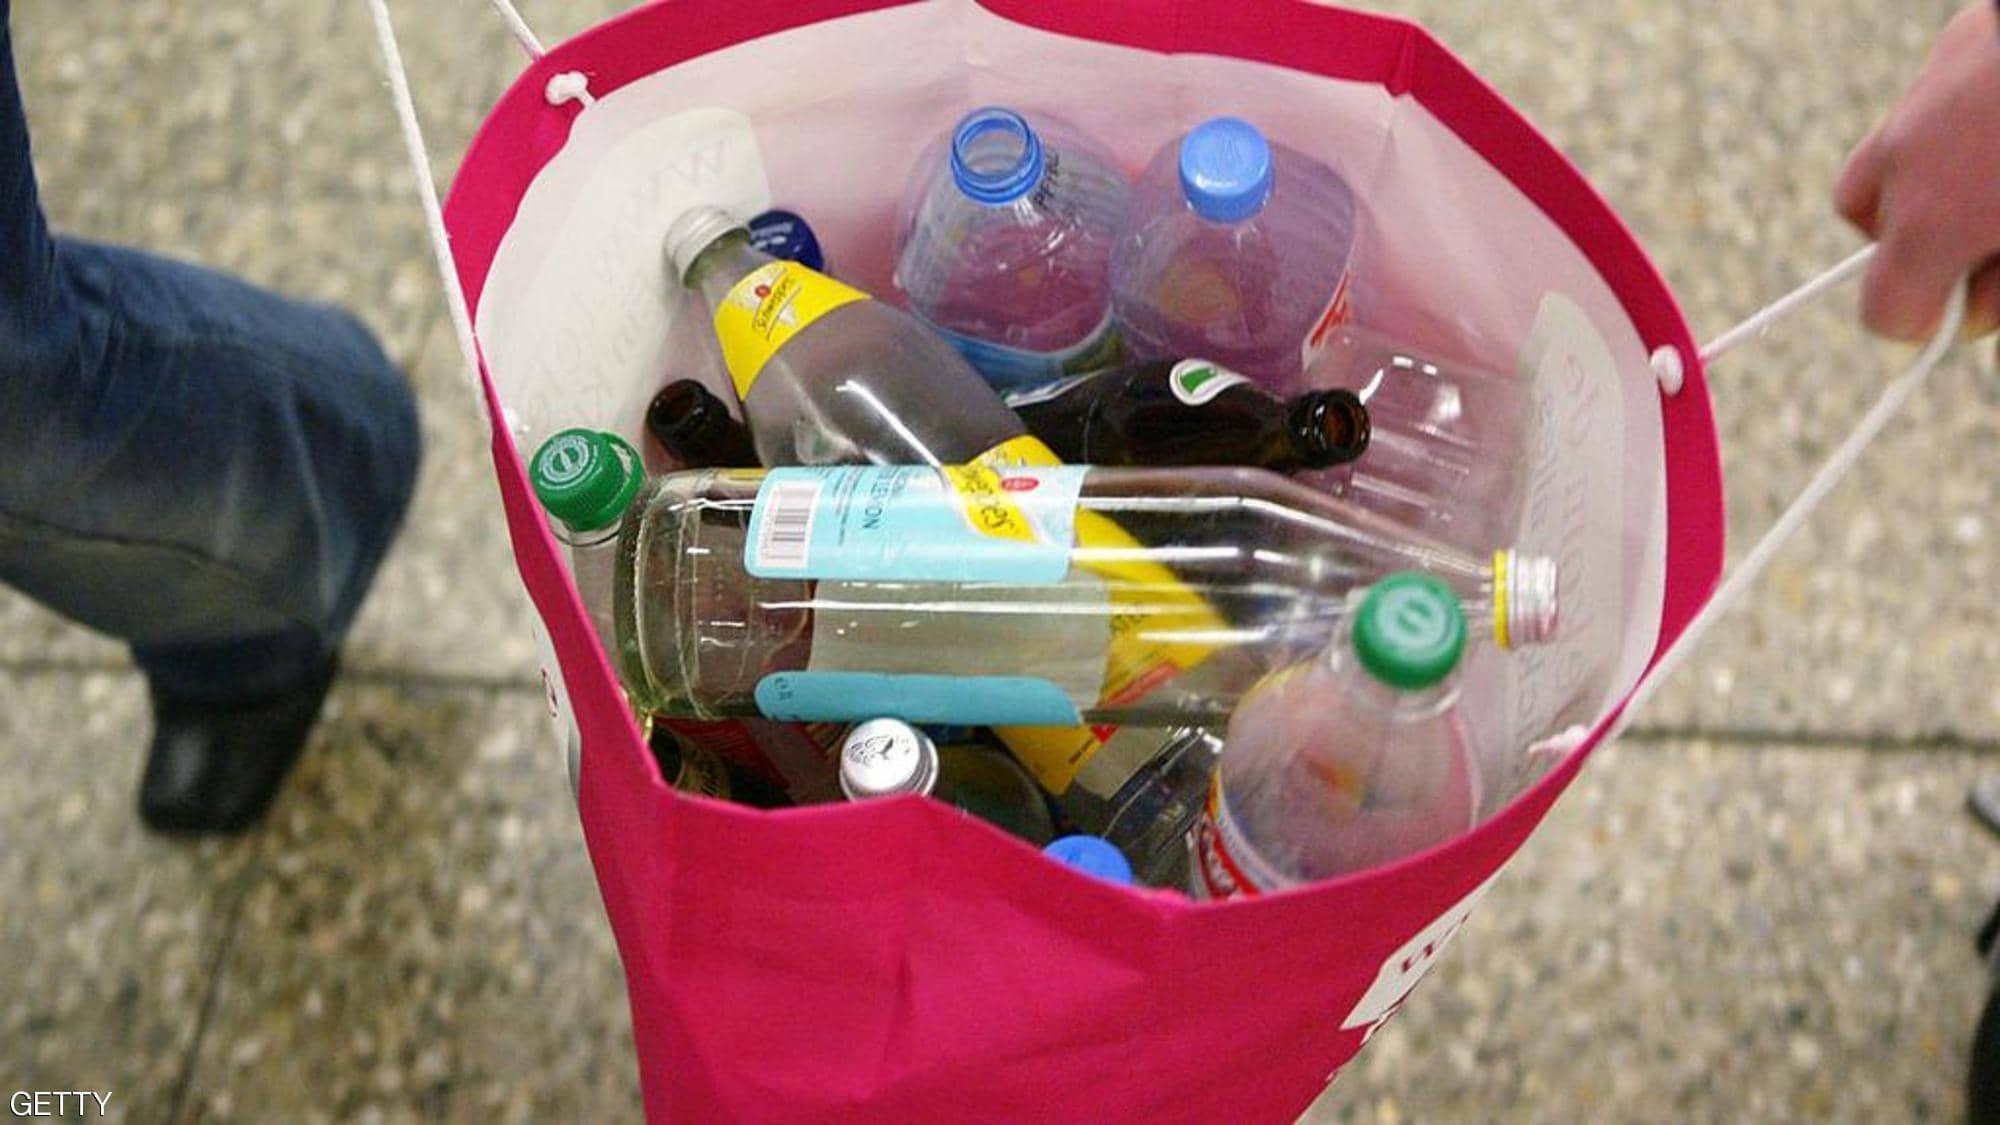 هل ينتقل كورونا عبر المنتجات البلاستيكية؟ علماء يجيبون